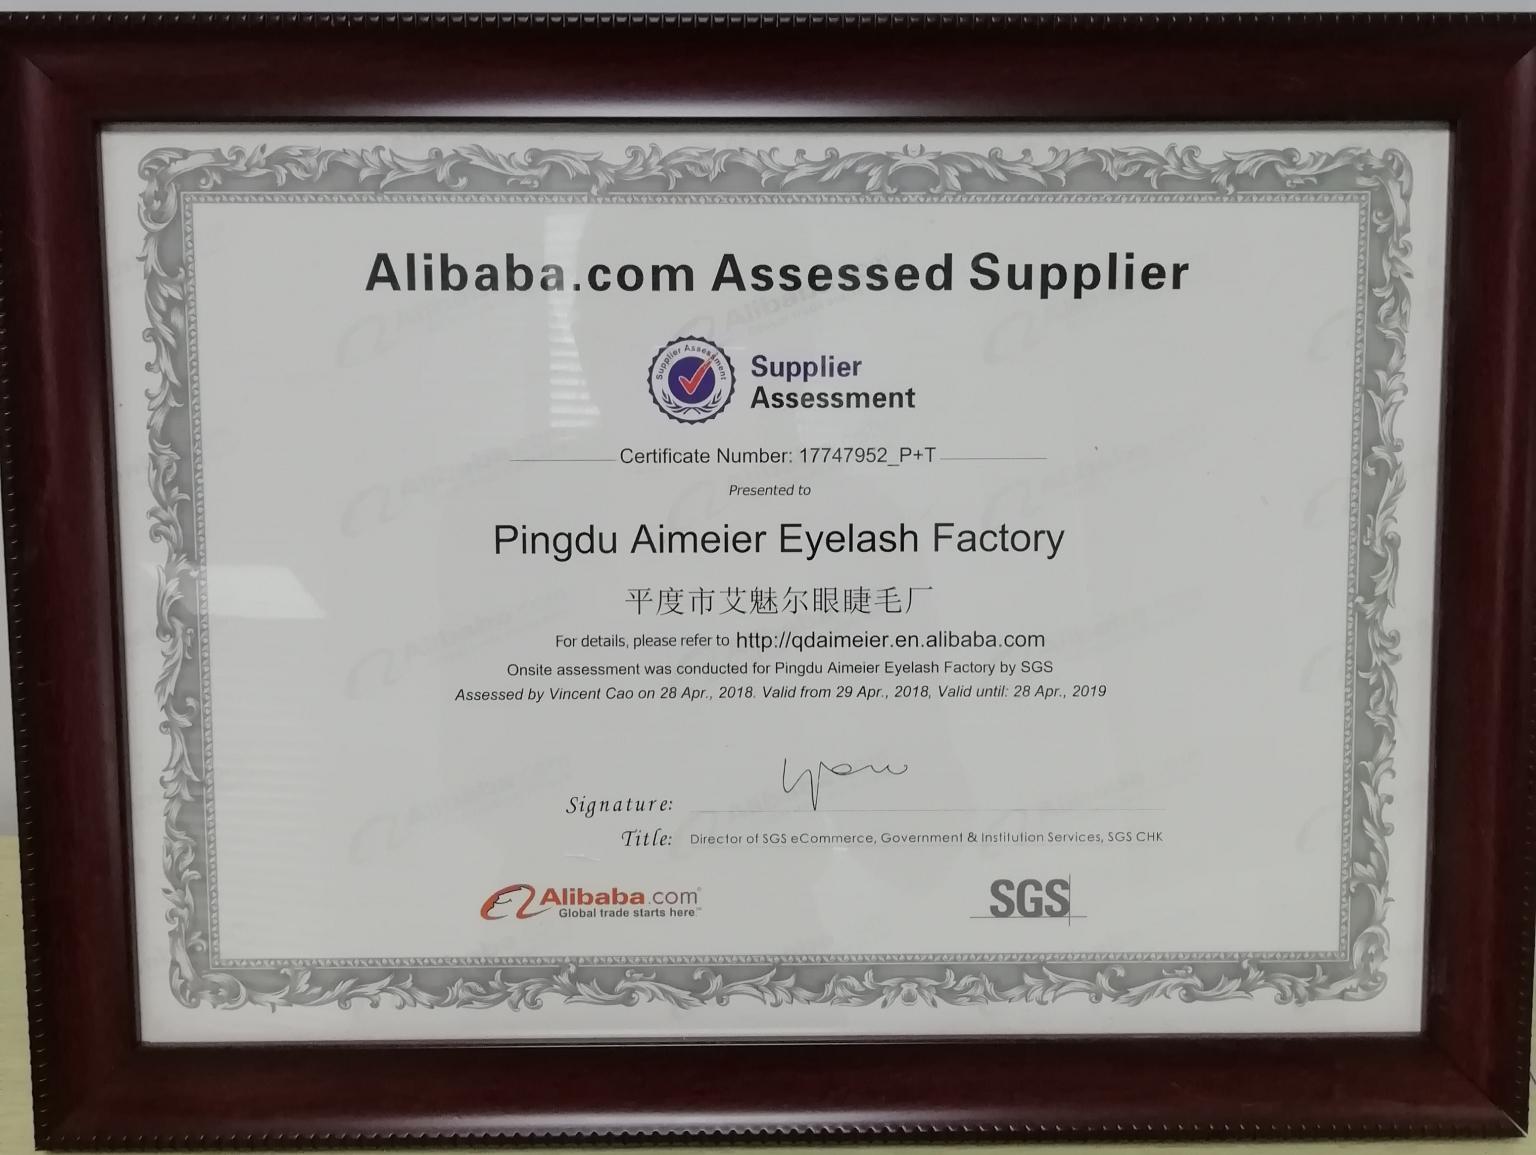 ขายส่งฉลากส่วนตัวขนตาบรรจุภัณฑ์ 100% จริงขนมิงค์ f aux ขนตาปลอม 3D ขนตามิงค์ตัวอย่างฟรีกล่องหรือโลโก้ของตัวเอง E11